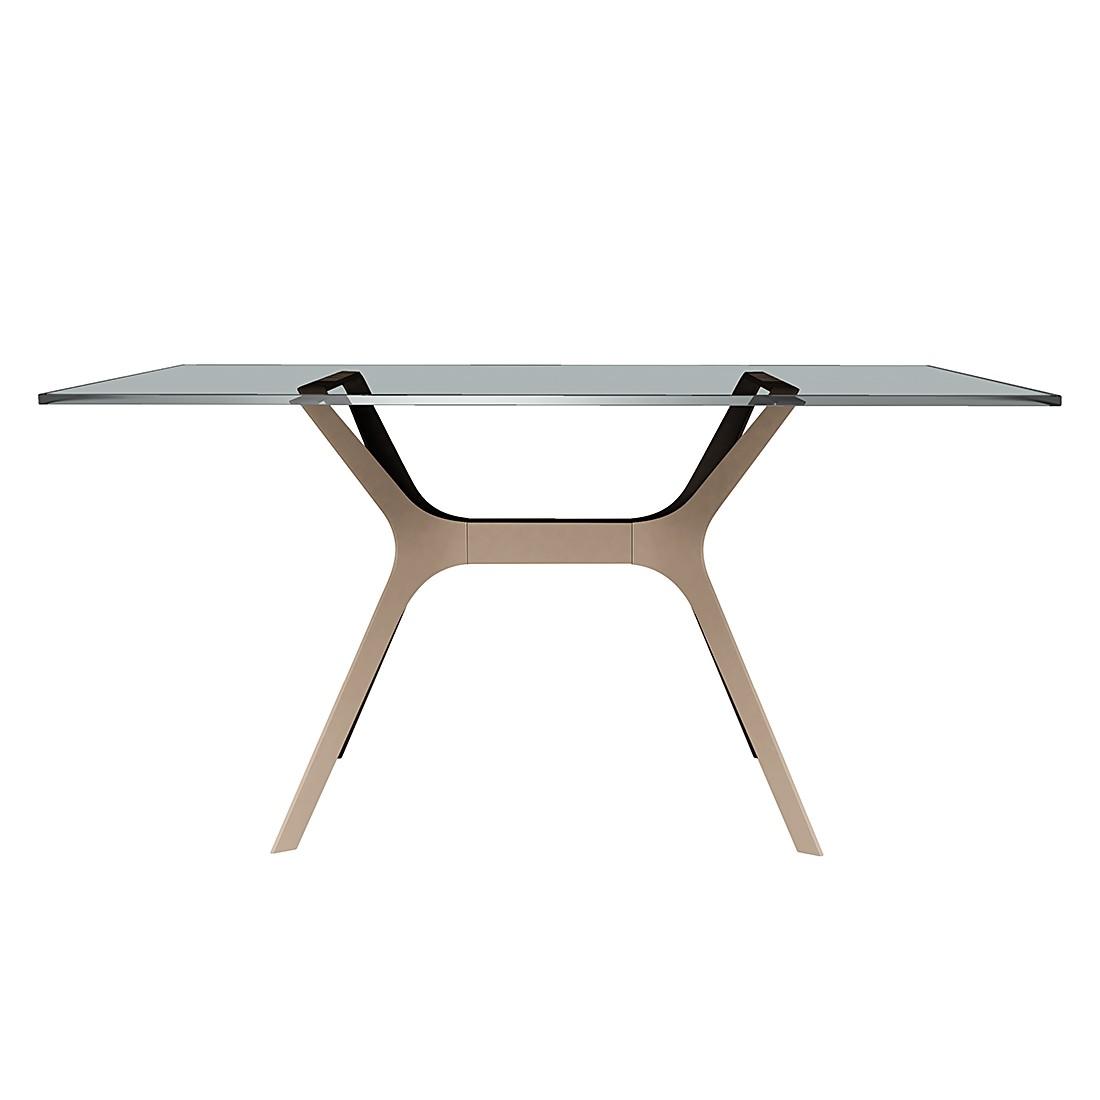 Table à manger Vela I - Sable - 120 x 80 cm, loftscape